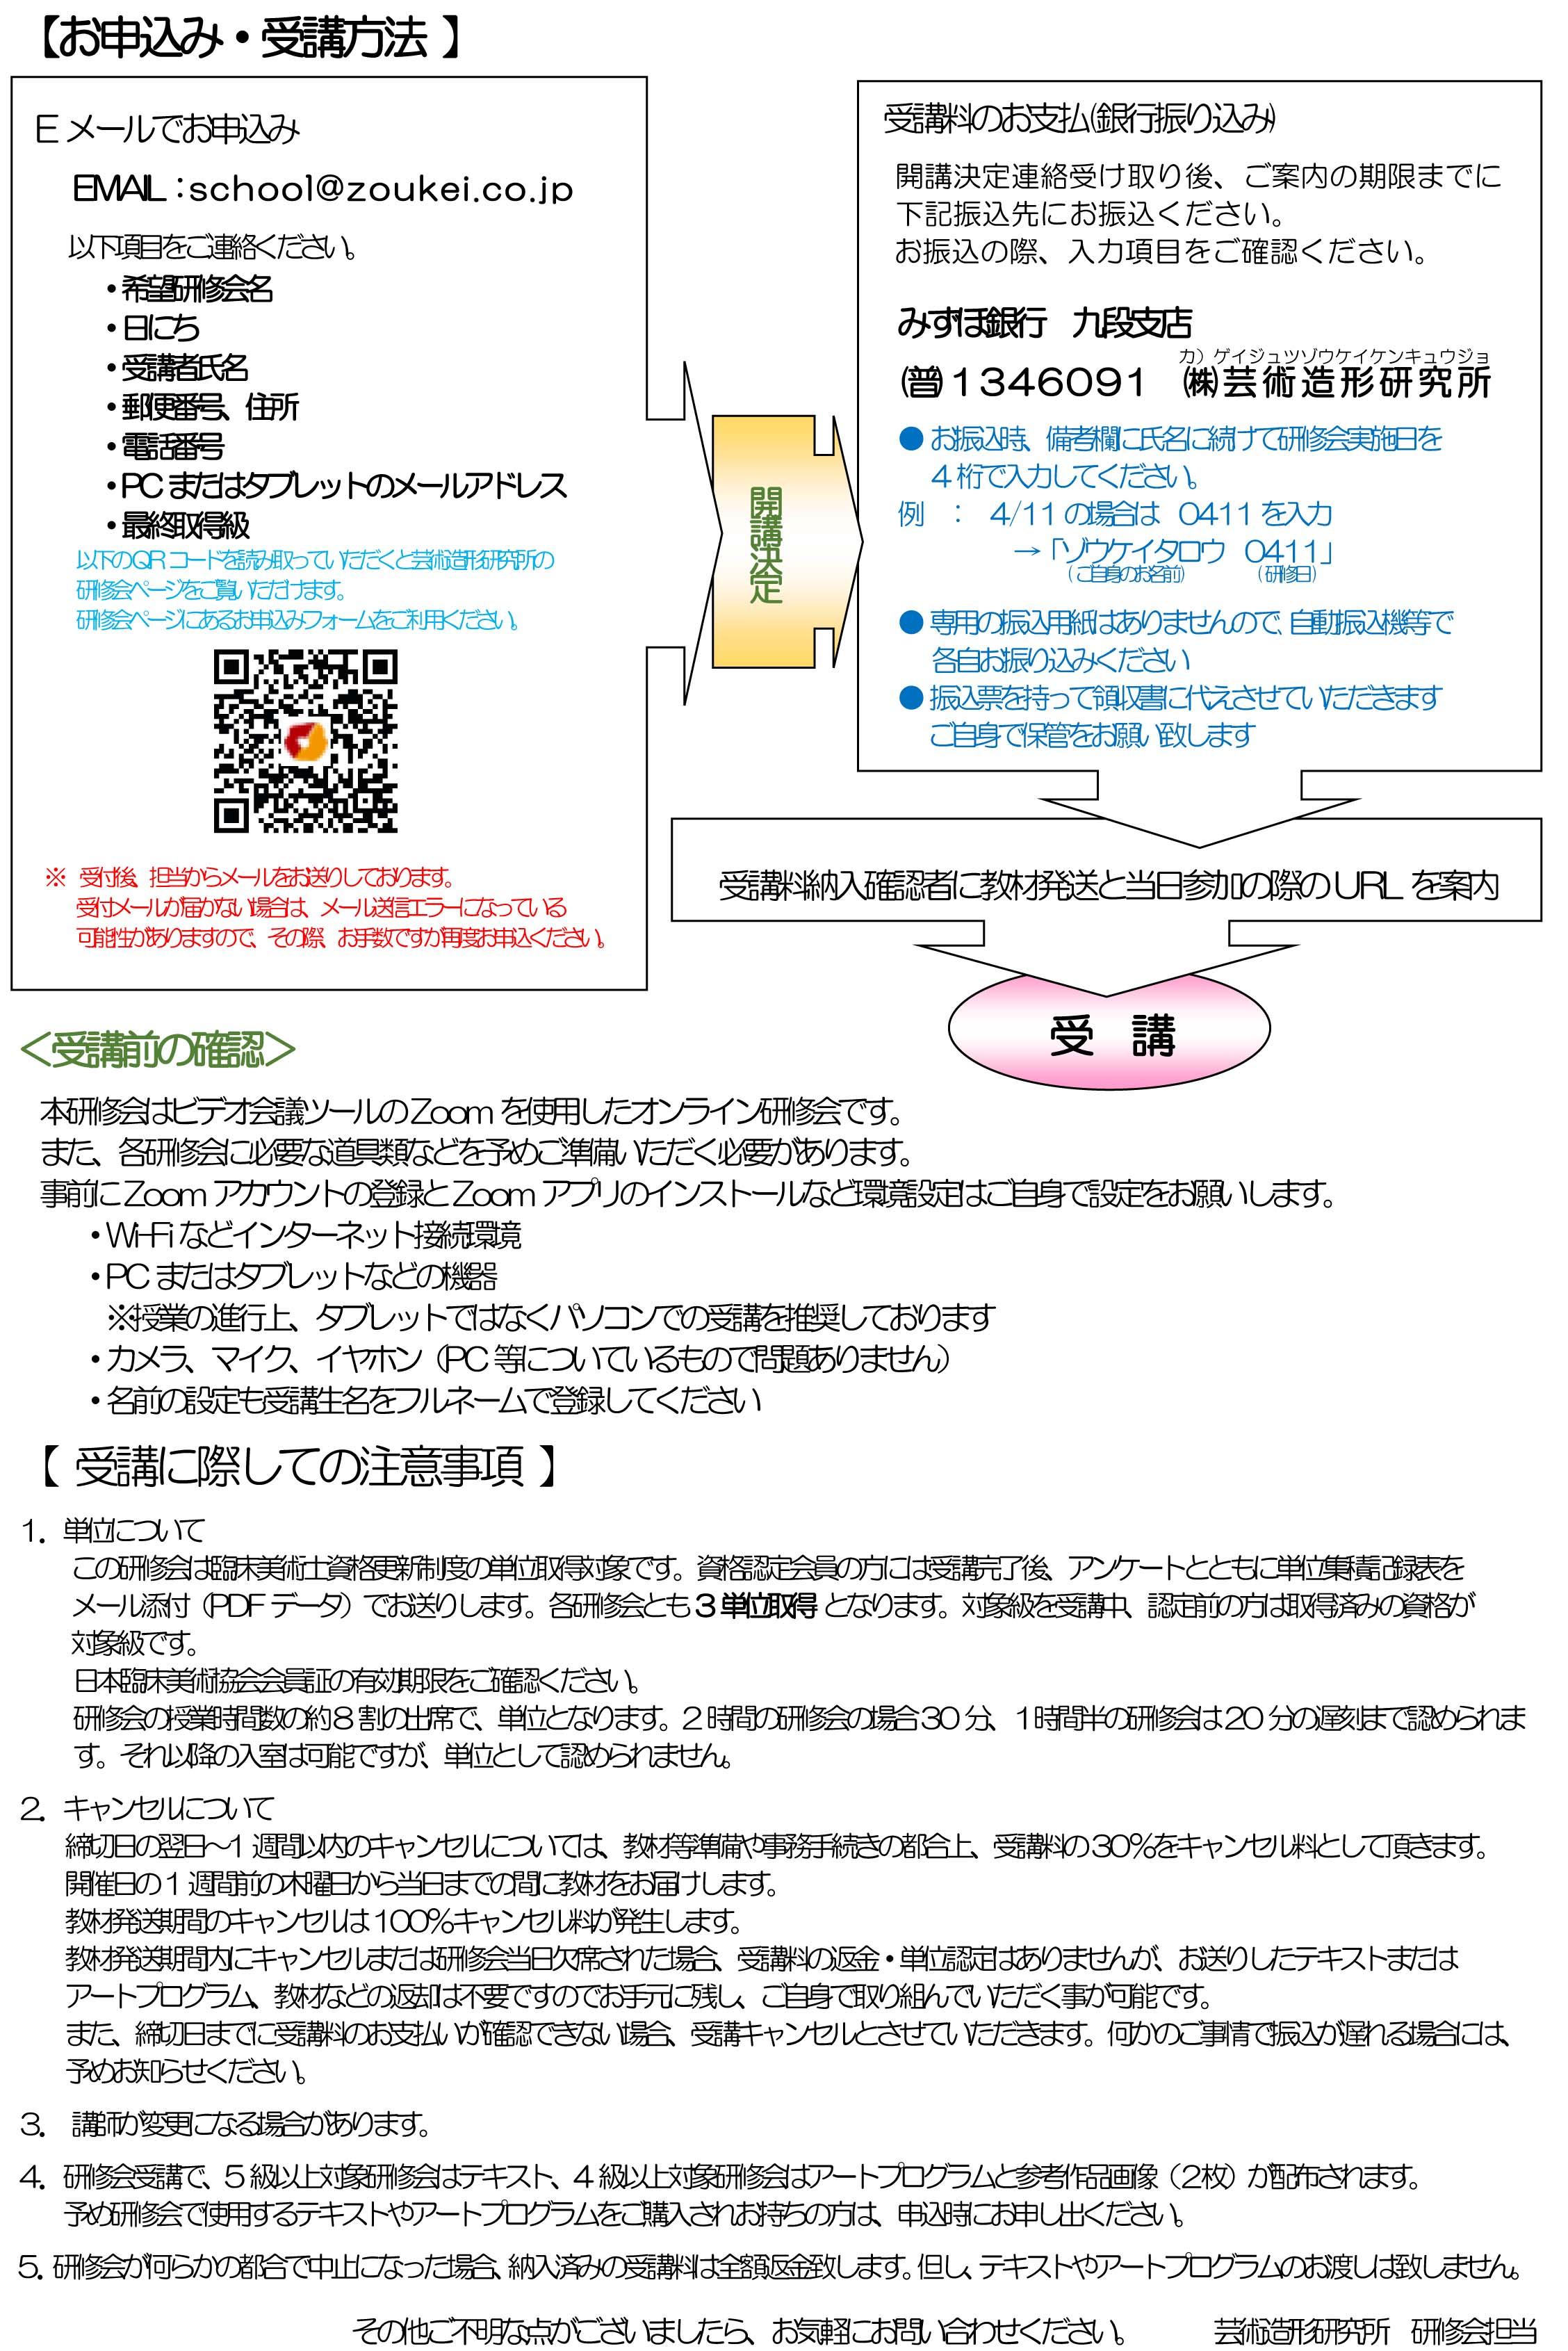 11月オンライン研修会ちらし-5.jpg